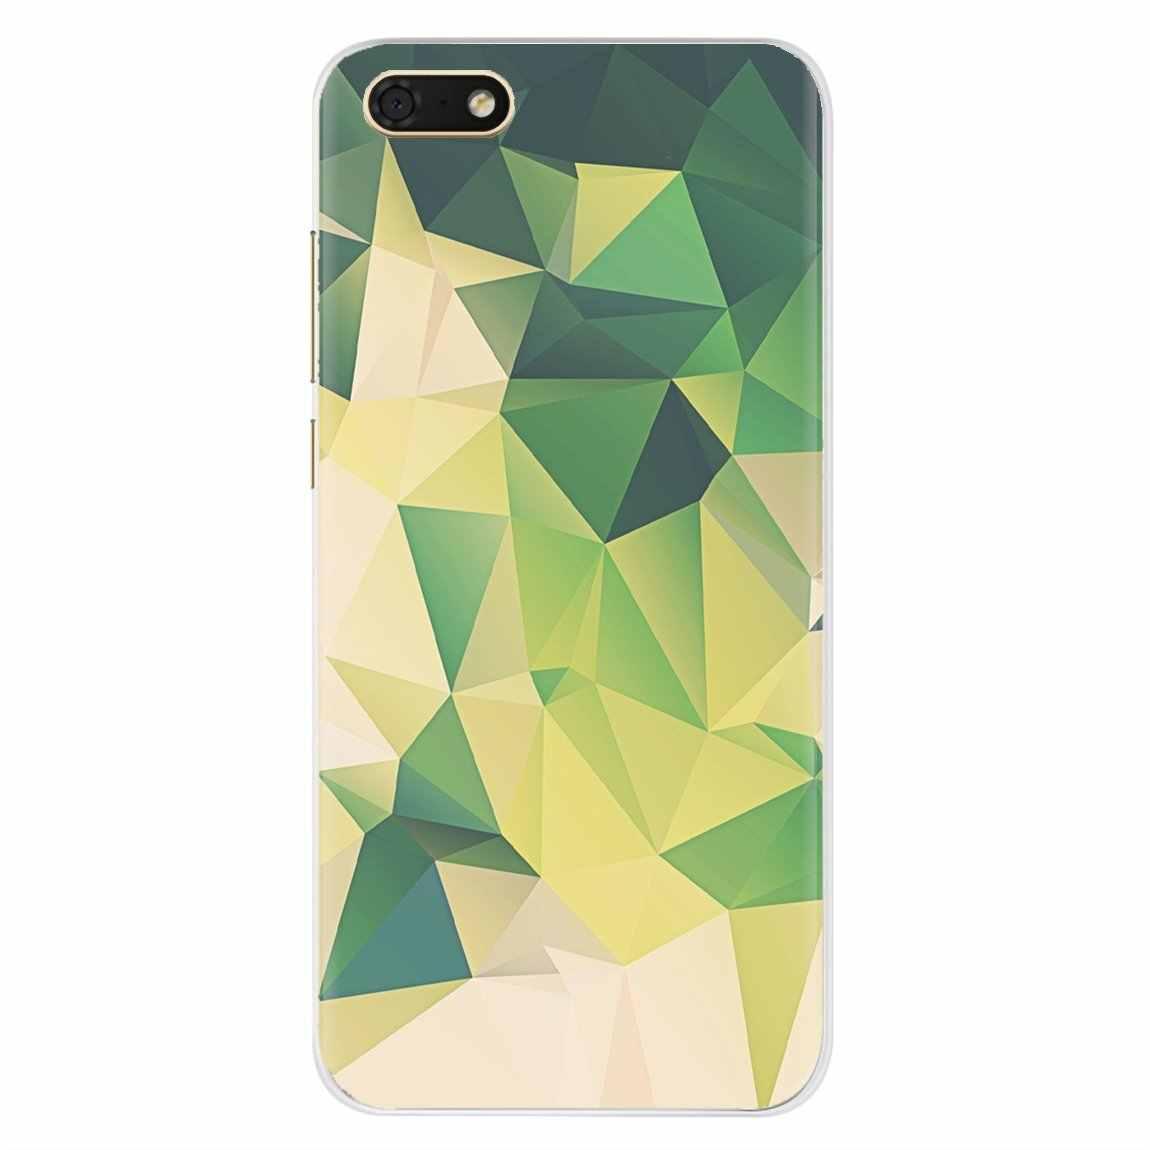 Para huawei g7 g8 p7 p8 p9 p10 p20 p30 lite mini pro p inteligente 2017 2018 2019 filme verde é ouro papel de parede comprar silicone telefone caso